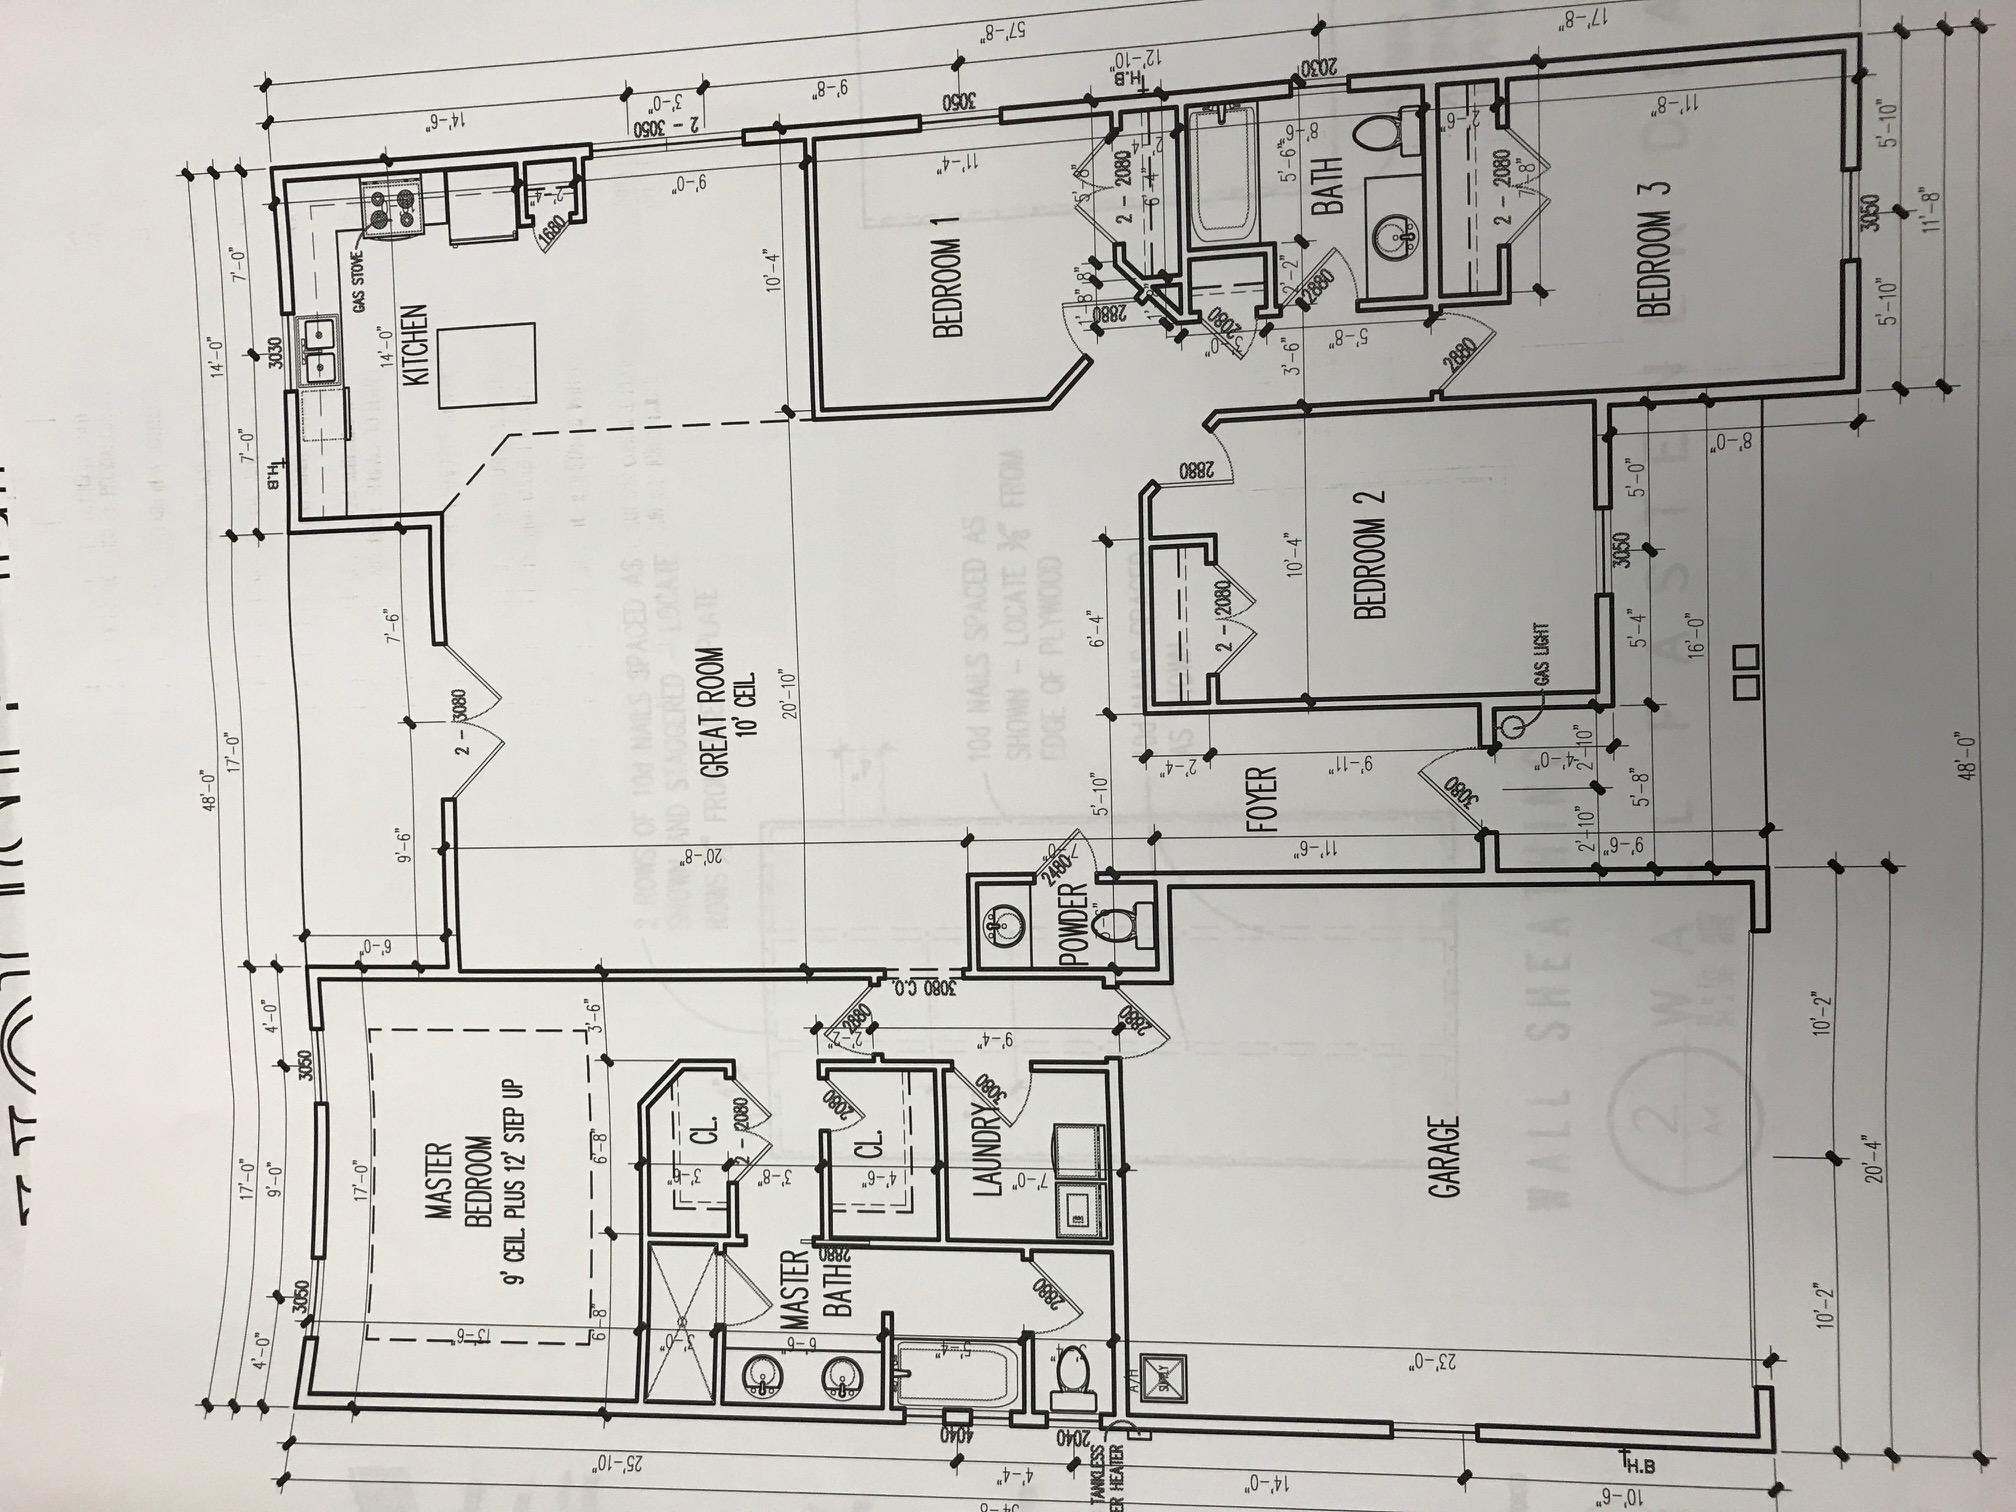 A 4 Bedroom 2 Bedroom Pinecrest Heights Home